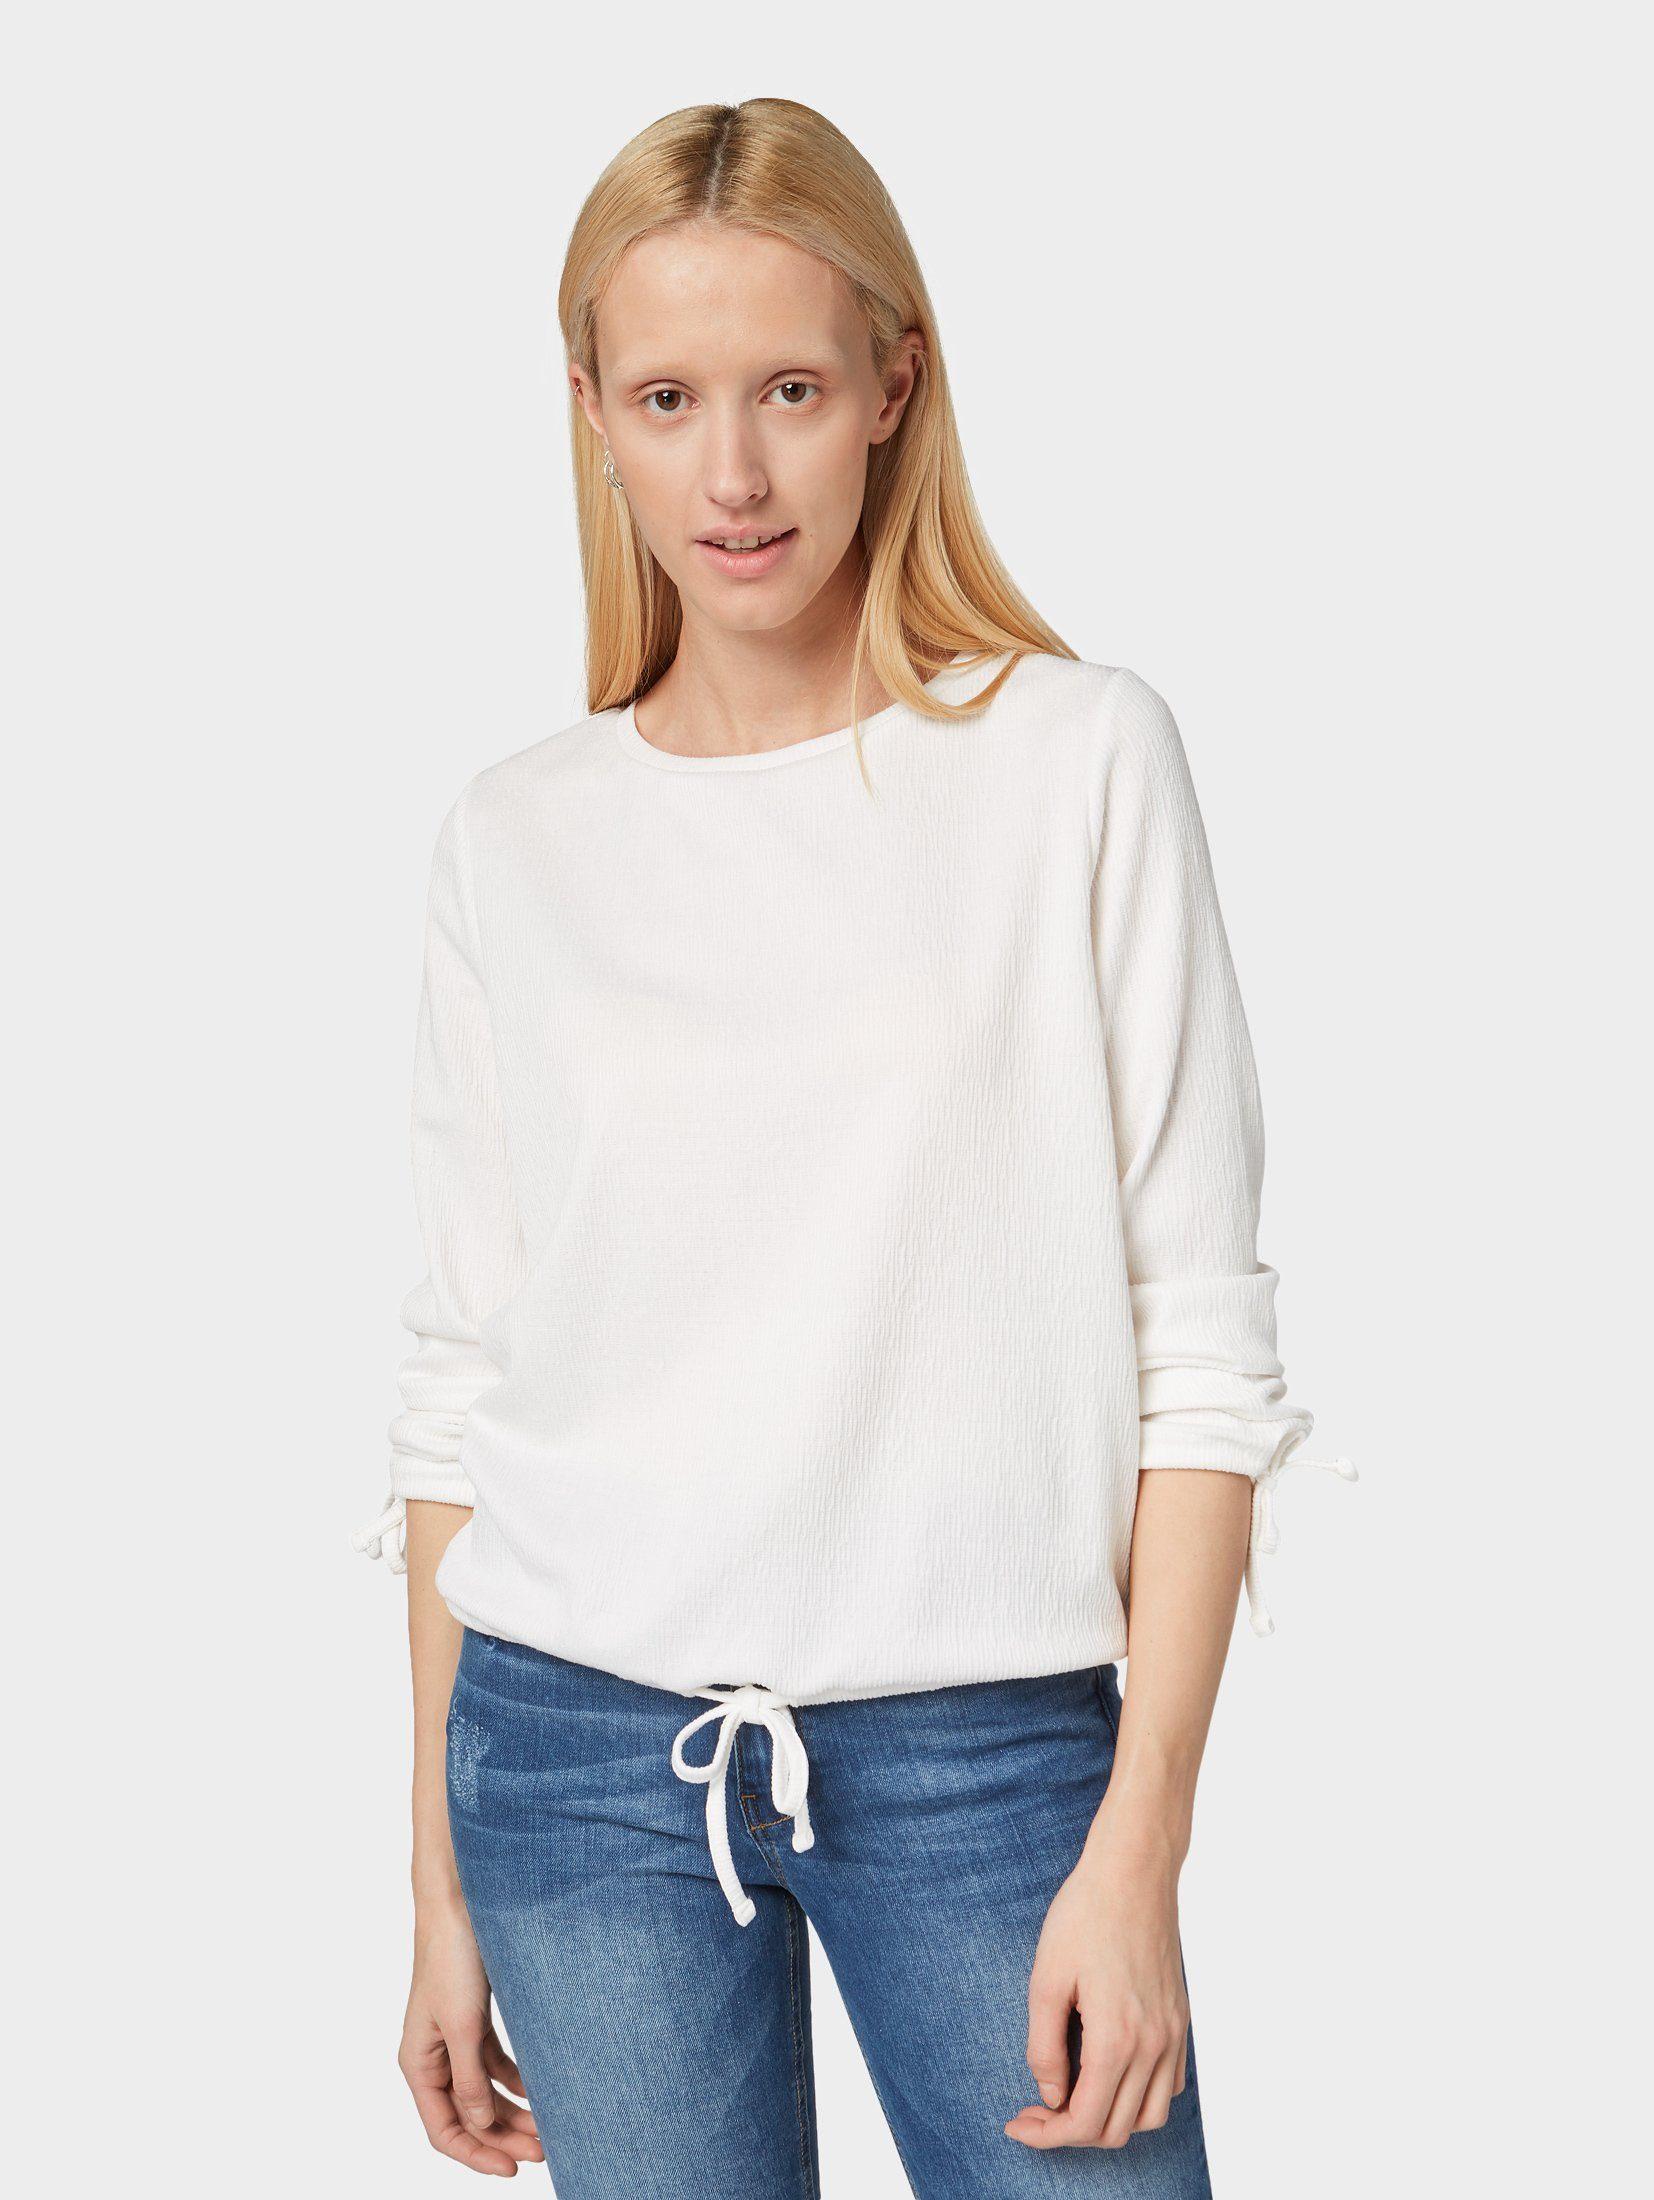 Tom Tailor Denim Shirt Gestructureerd Met Lange Mouwen Vind Je Bij - Geweldige Prijs